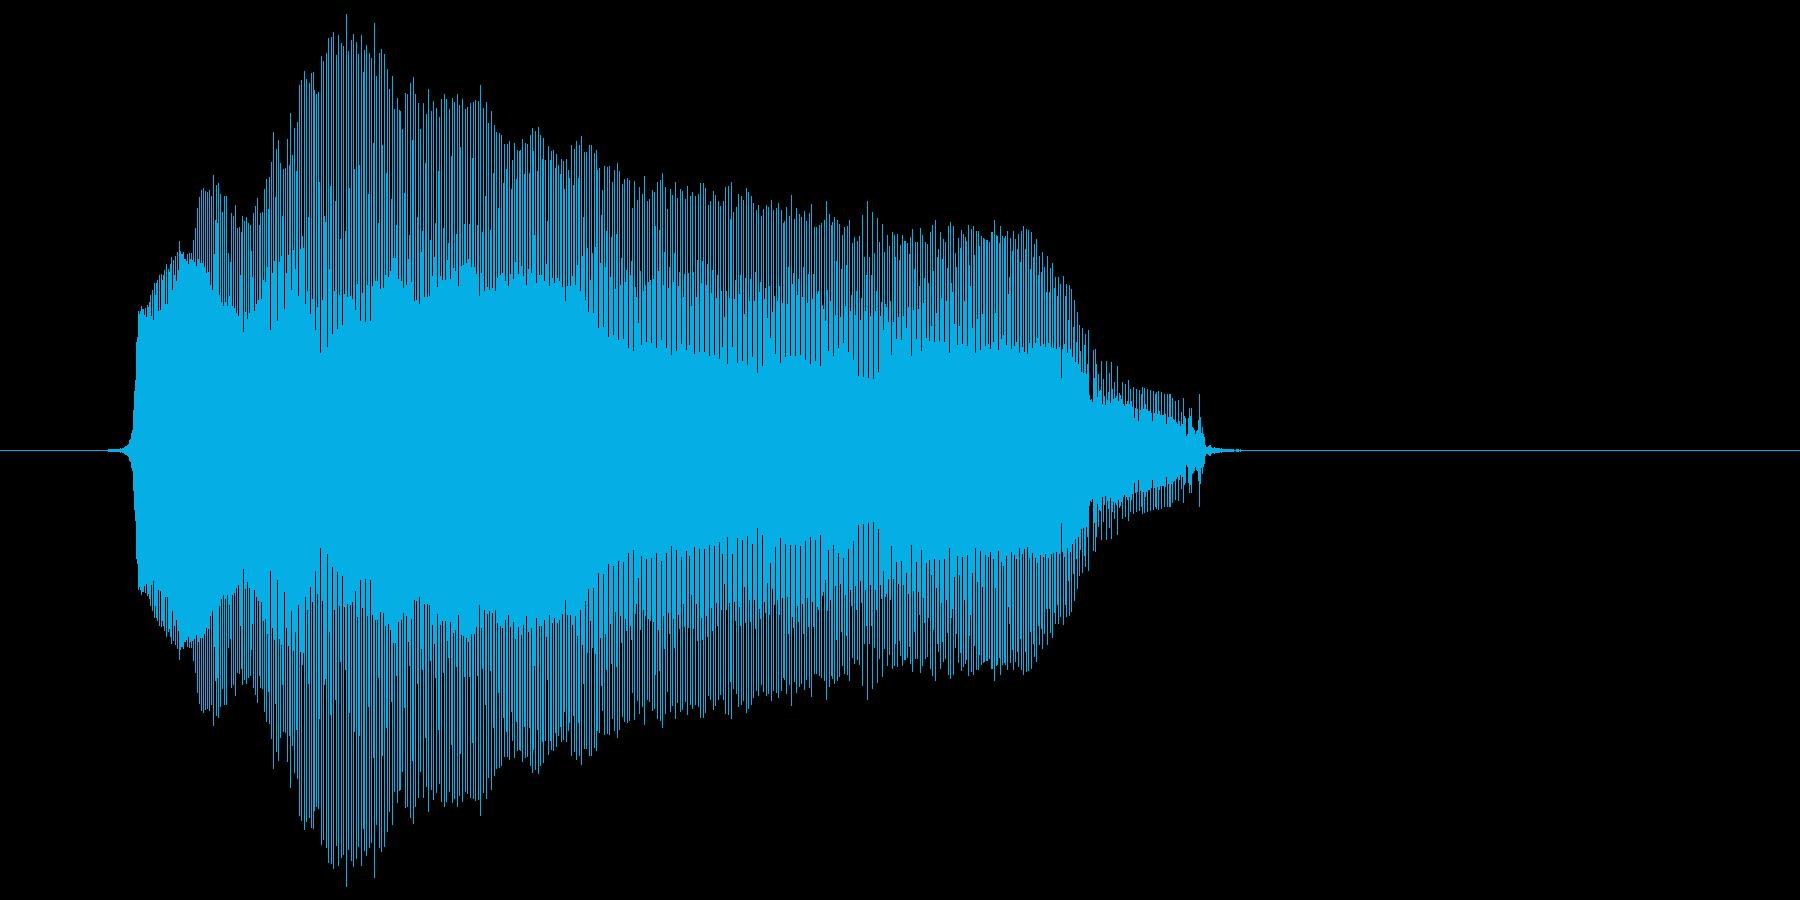 「ふぇーん」の再生済みの波形